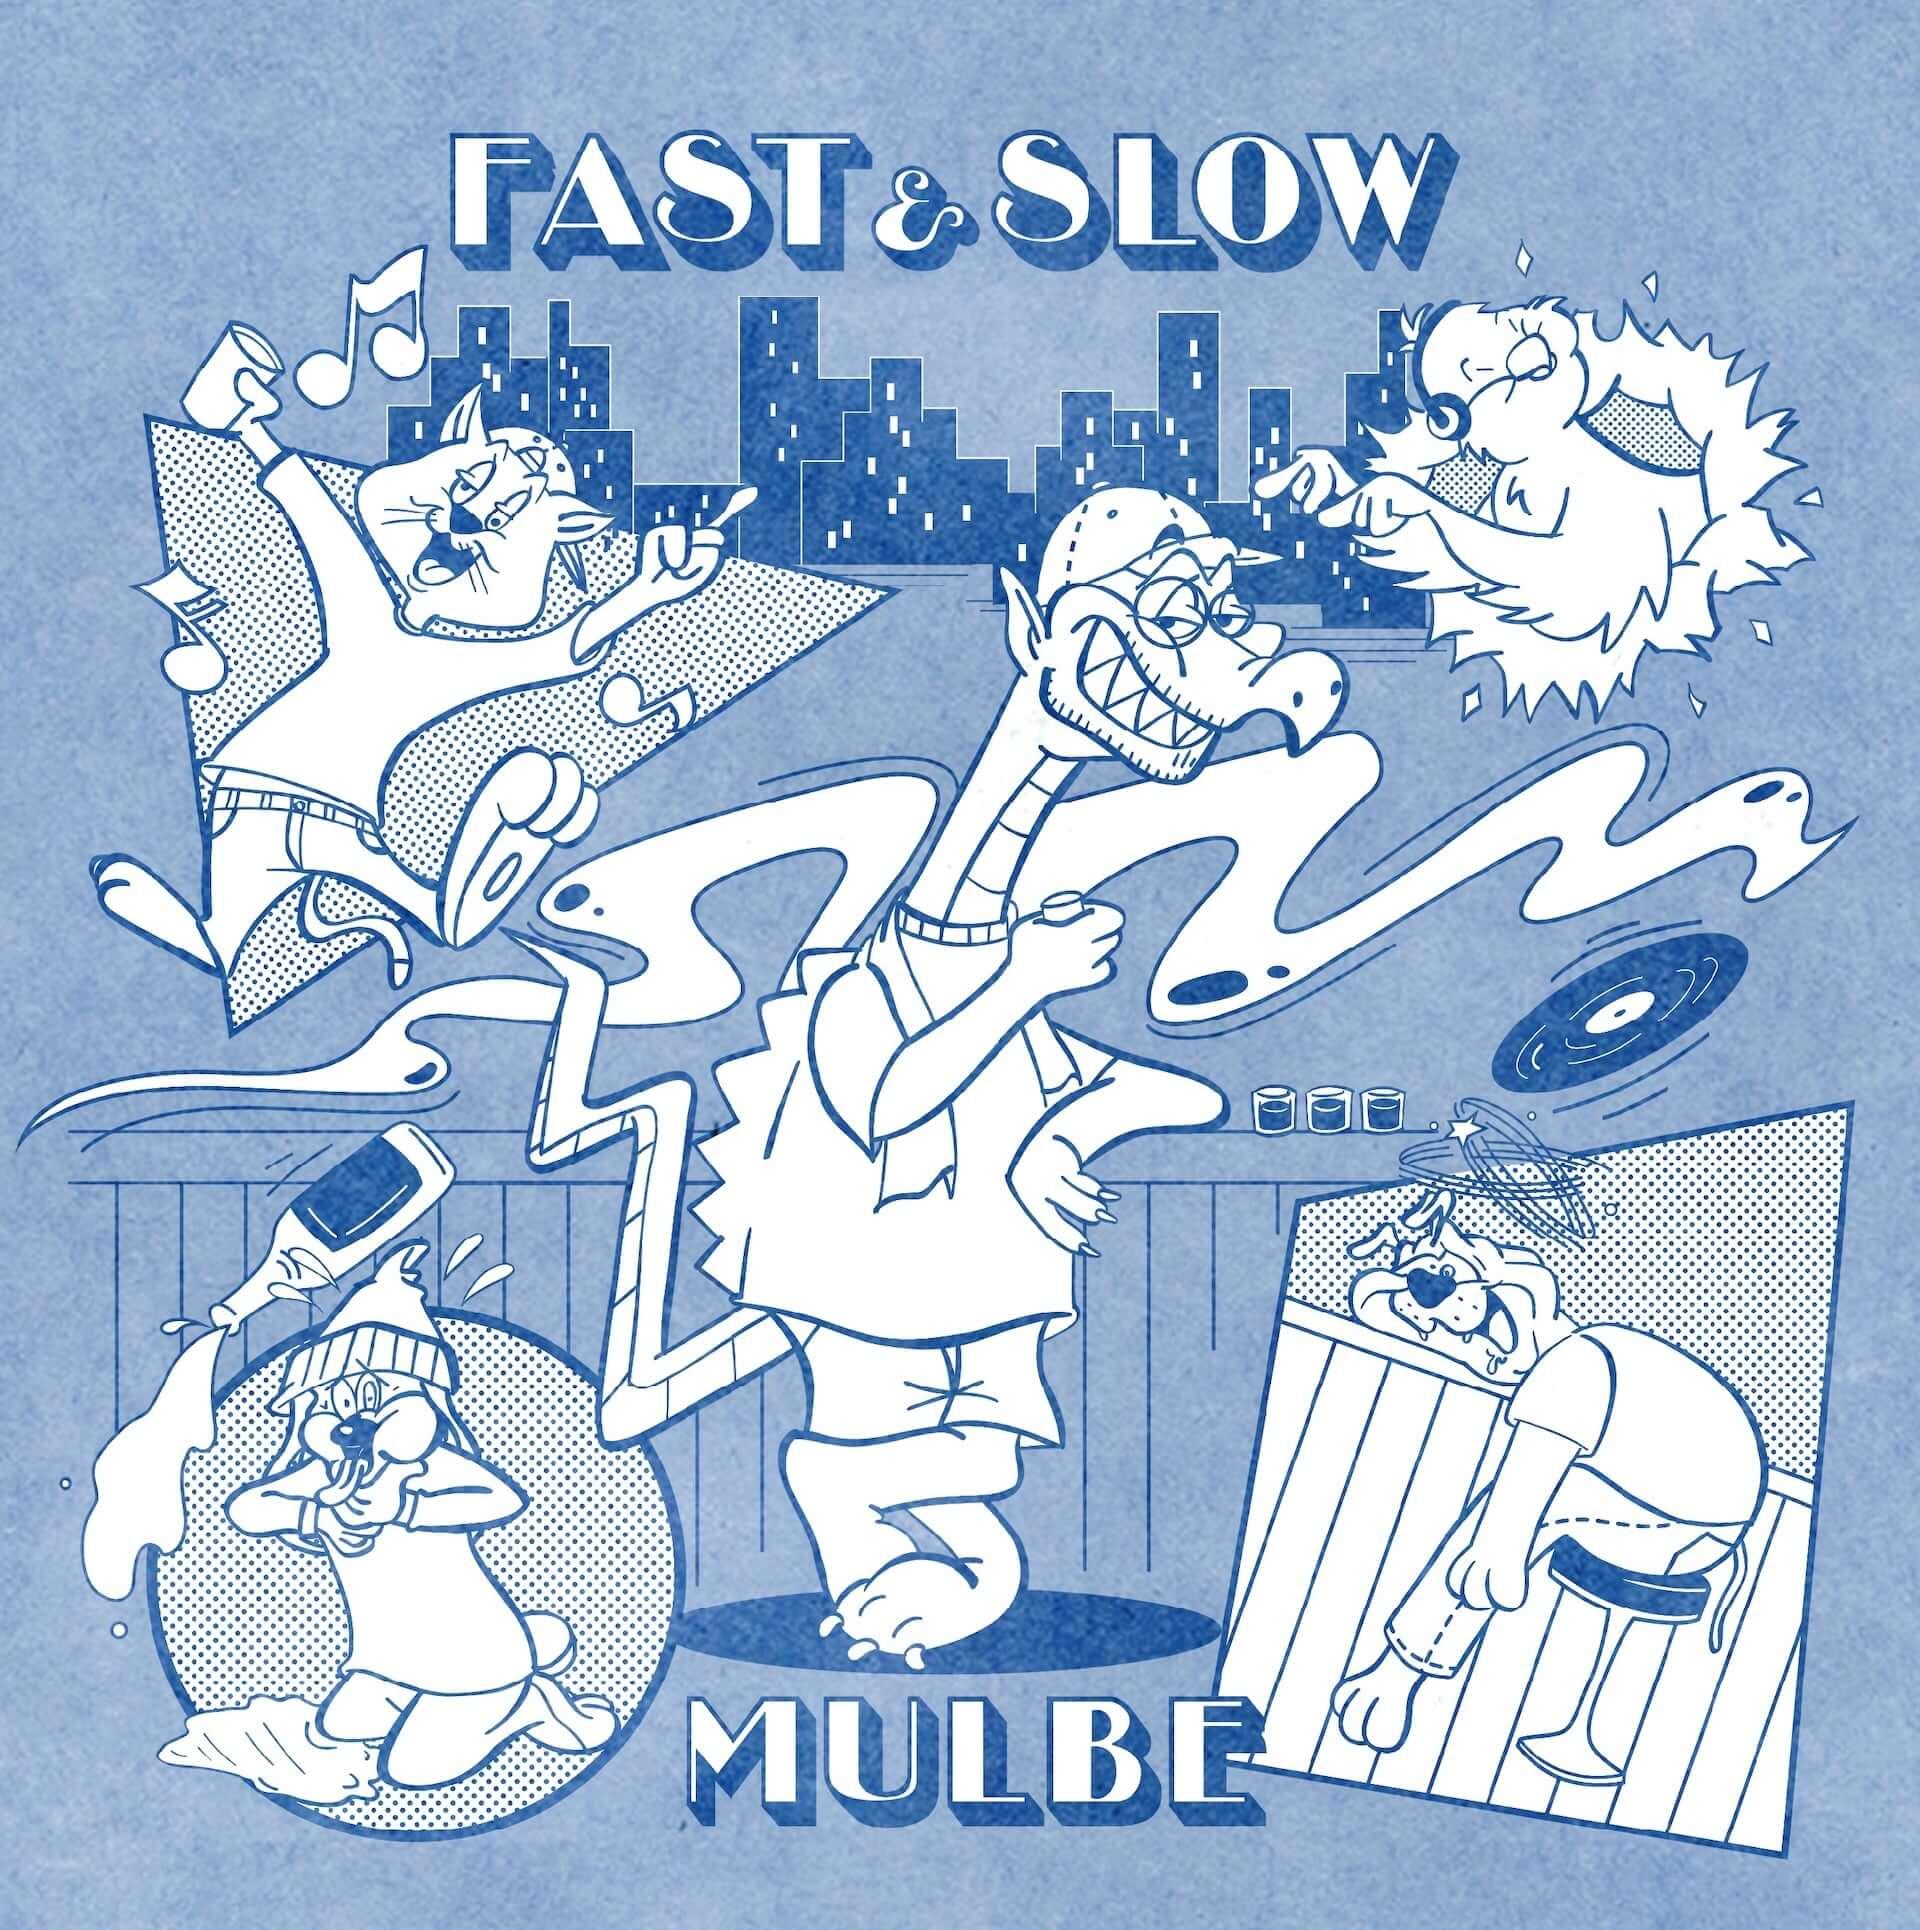 MULBEの1stアルバム『FAST&SLOW』がCD&デジタルでリリース!リスニングパーティーは渋谷club bar FAMILYにて本日開催 music201209_mulbe_1-1920x1930